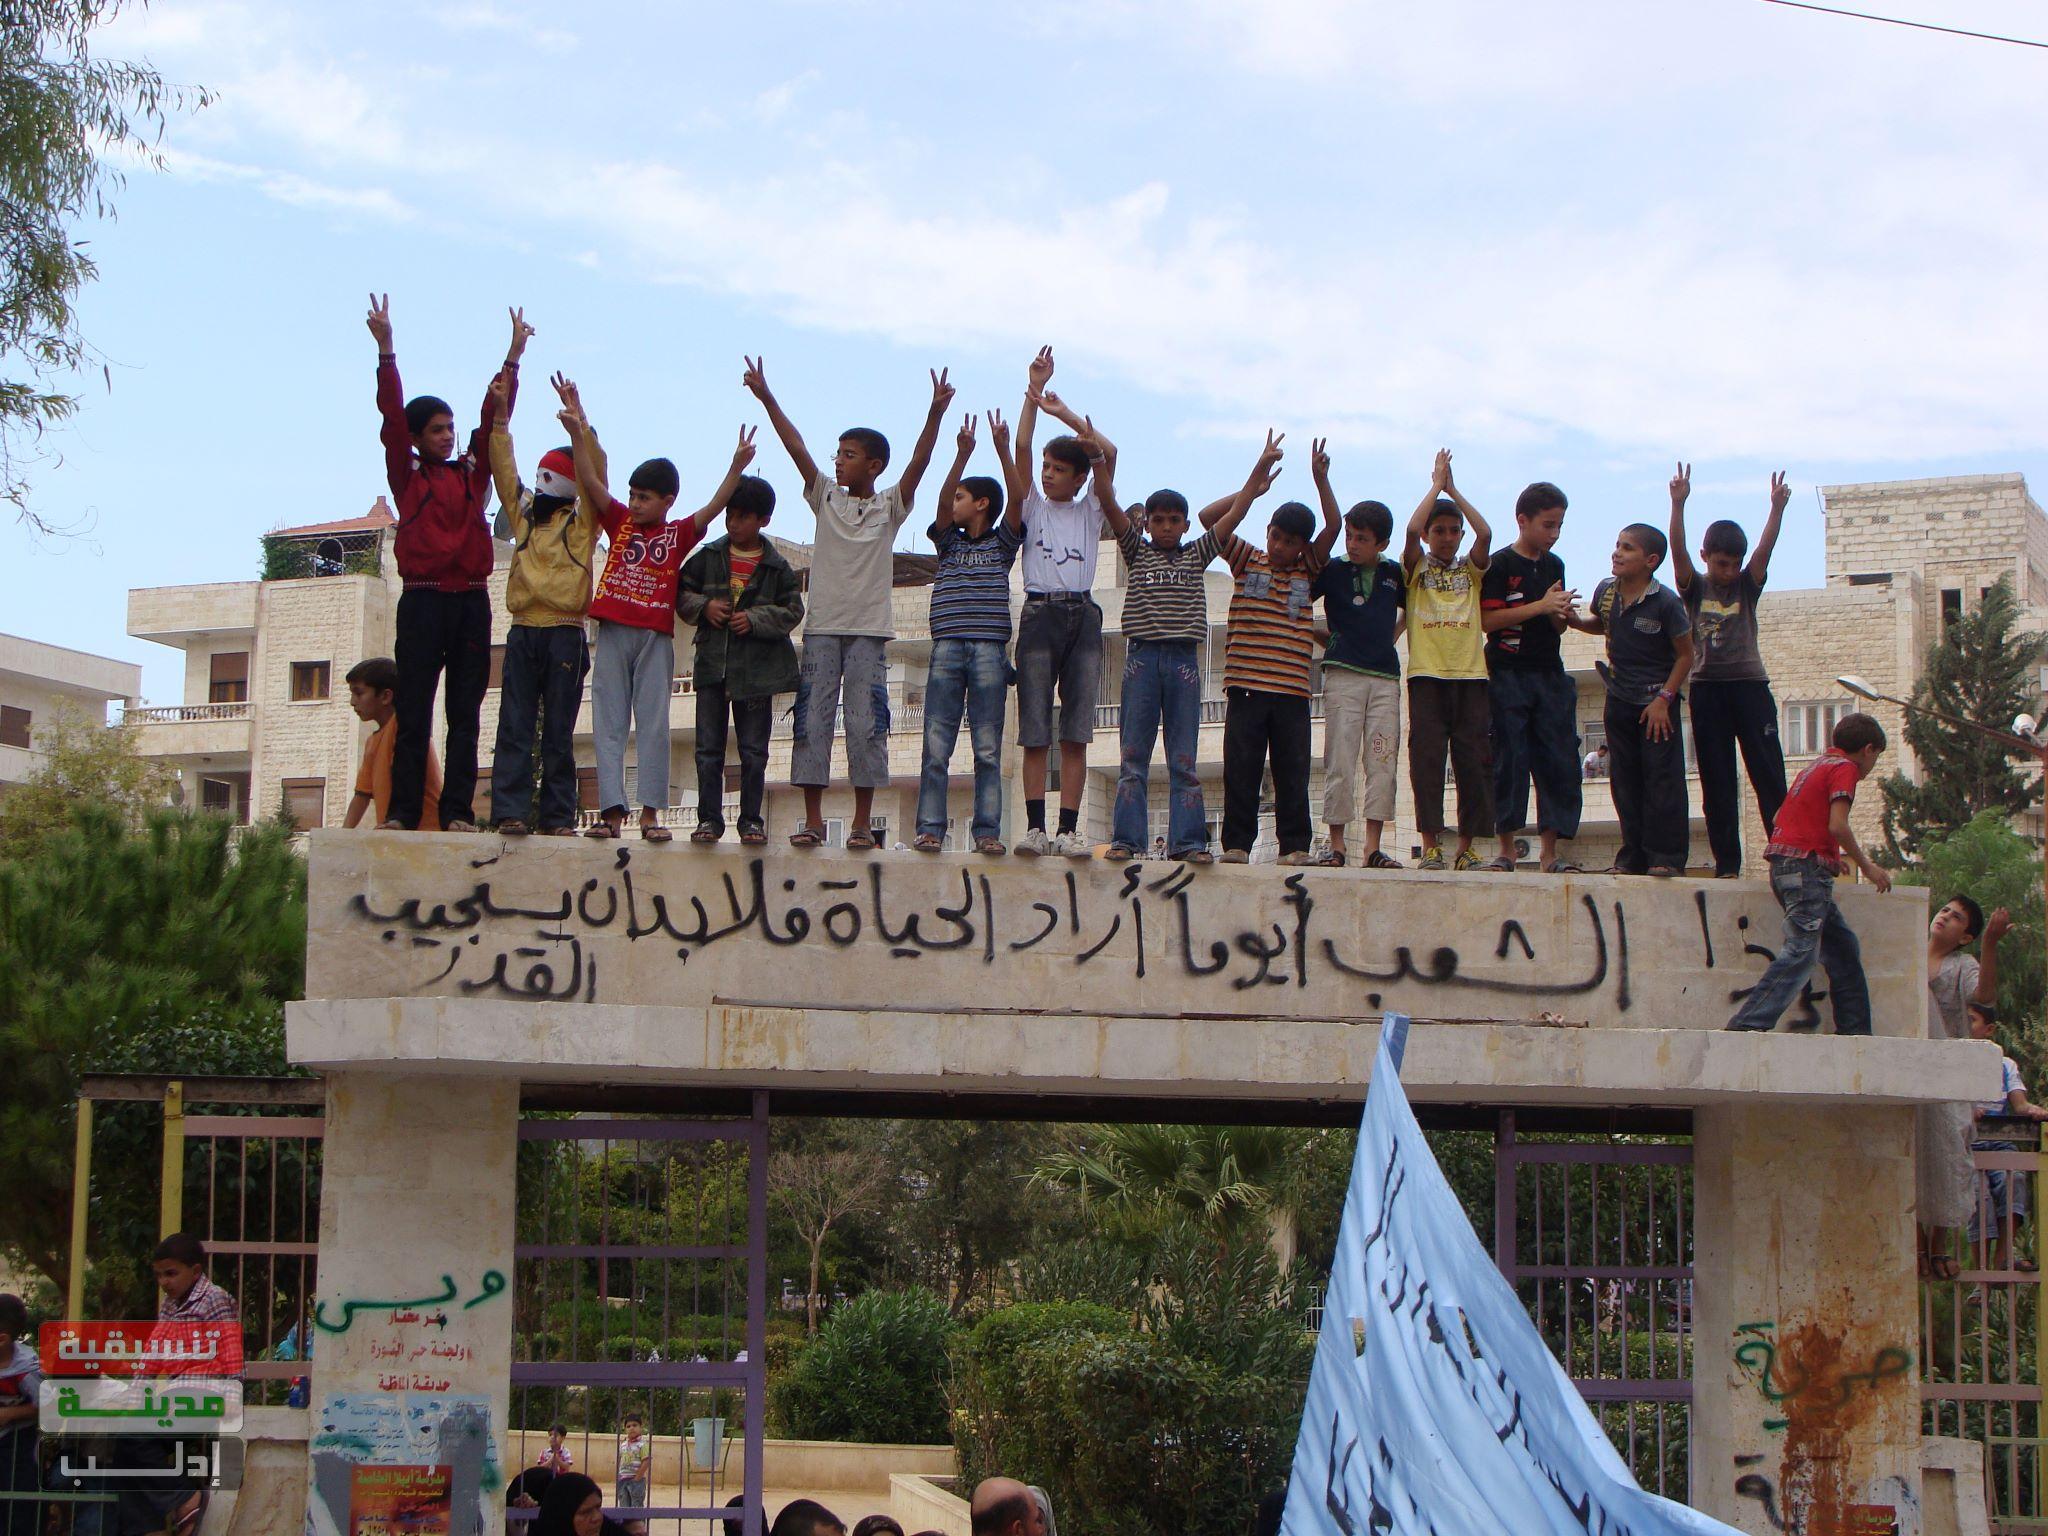 الانتظار المؤلم للاحتلال الوطني.. وثورتي على ثوار إدلب